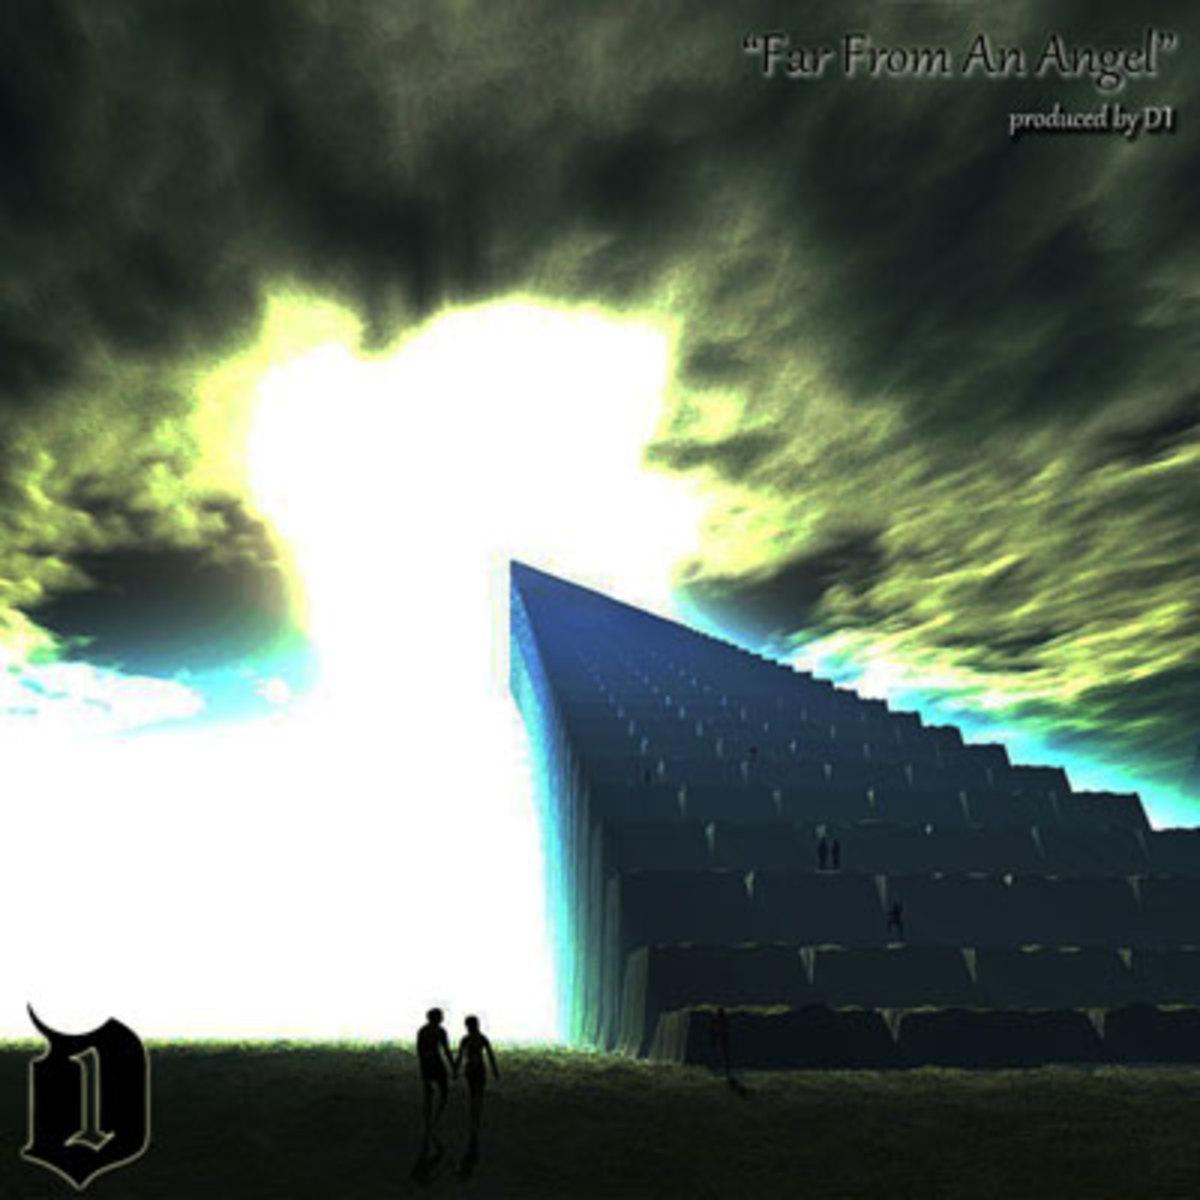 d1-farfromanangel.jpg